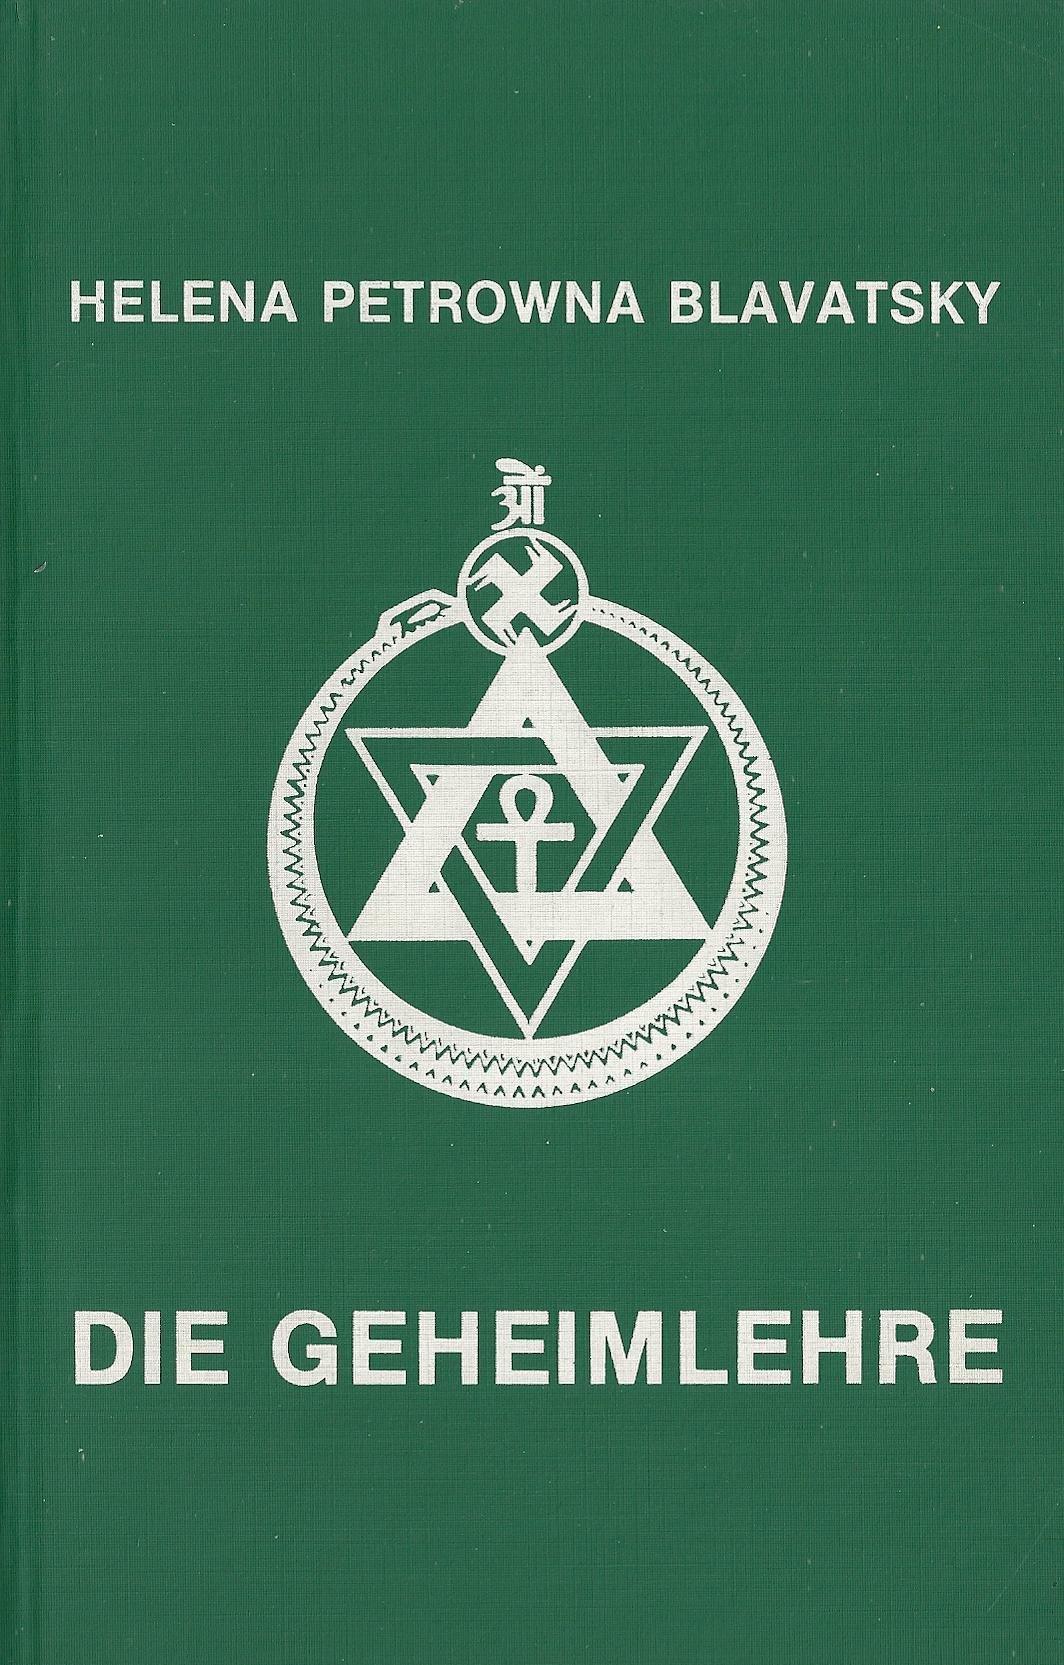 Blavatsky Geheimlehre